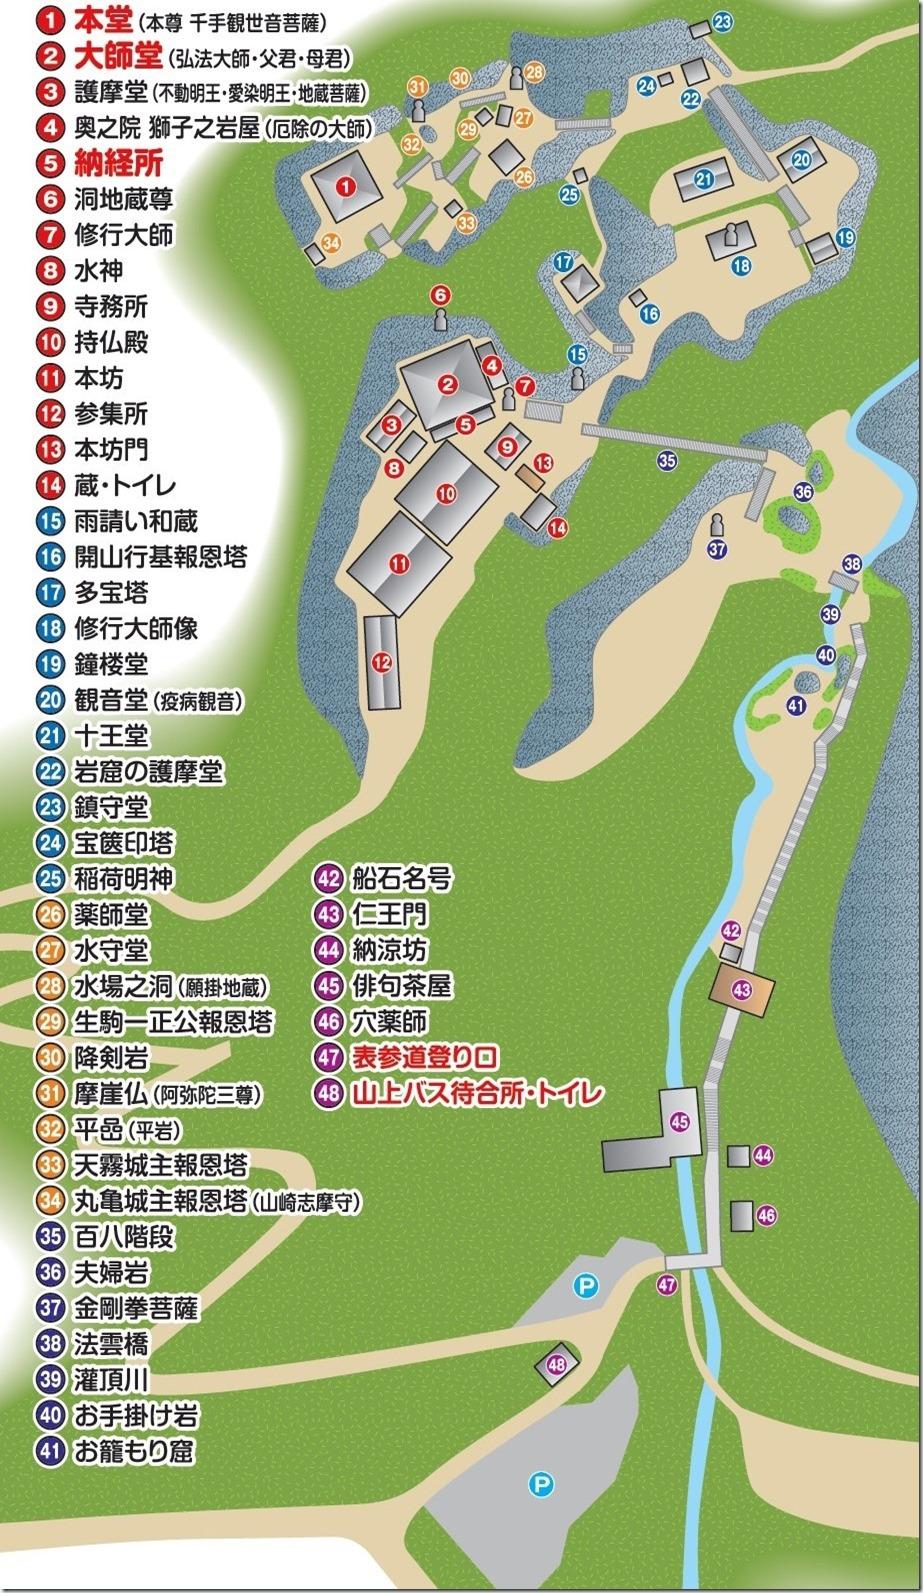 弥谷寺マップ